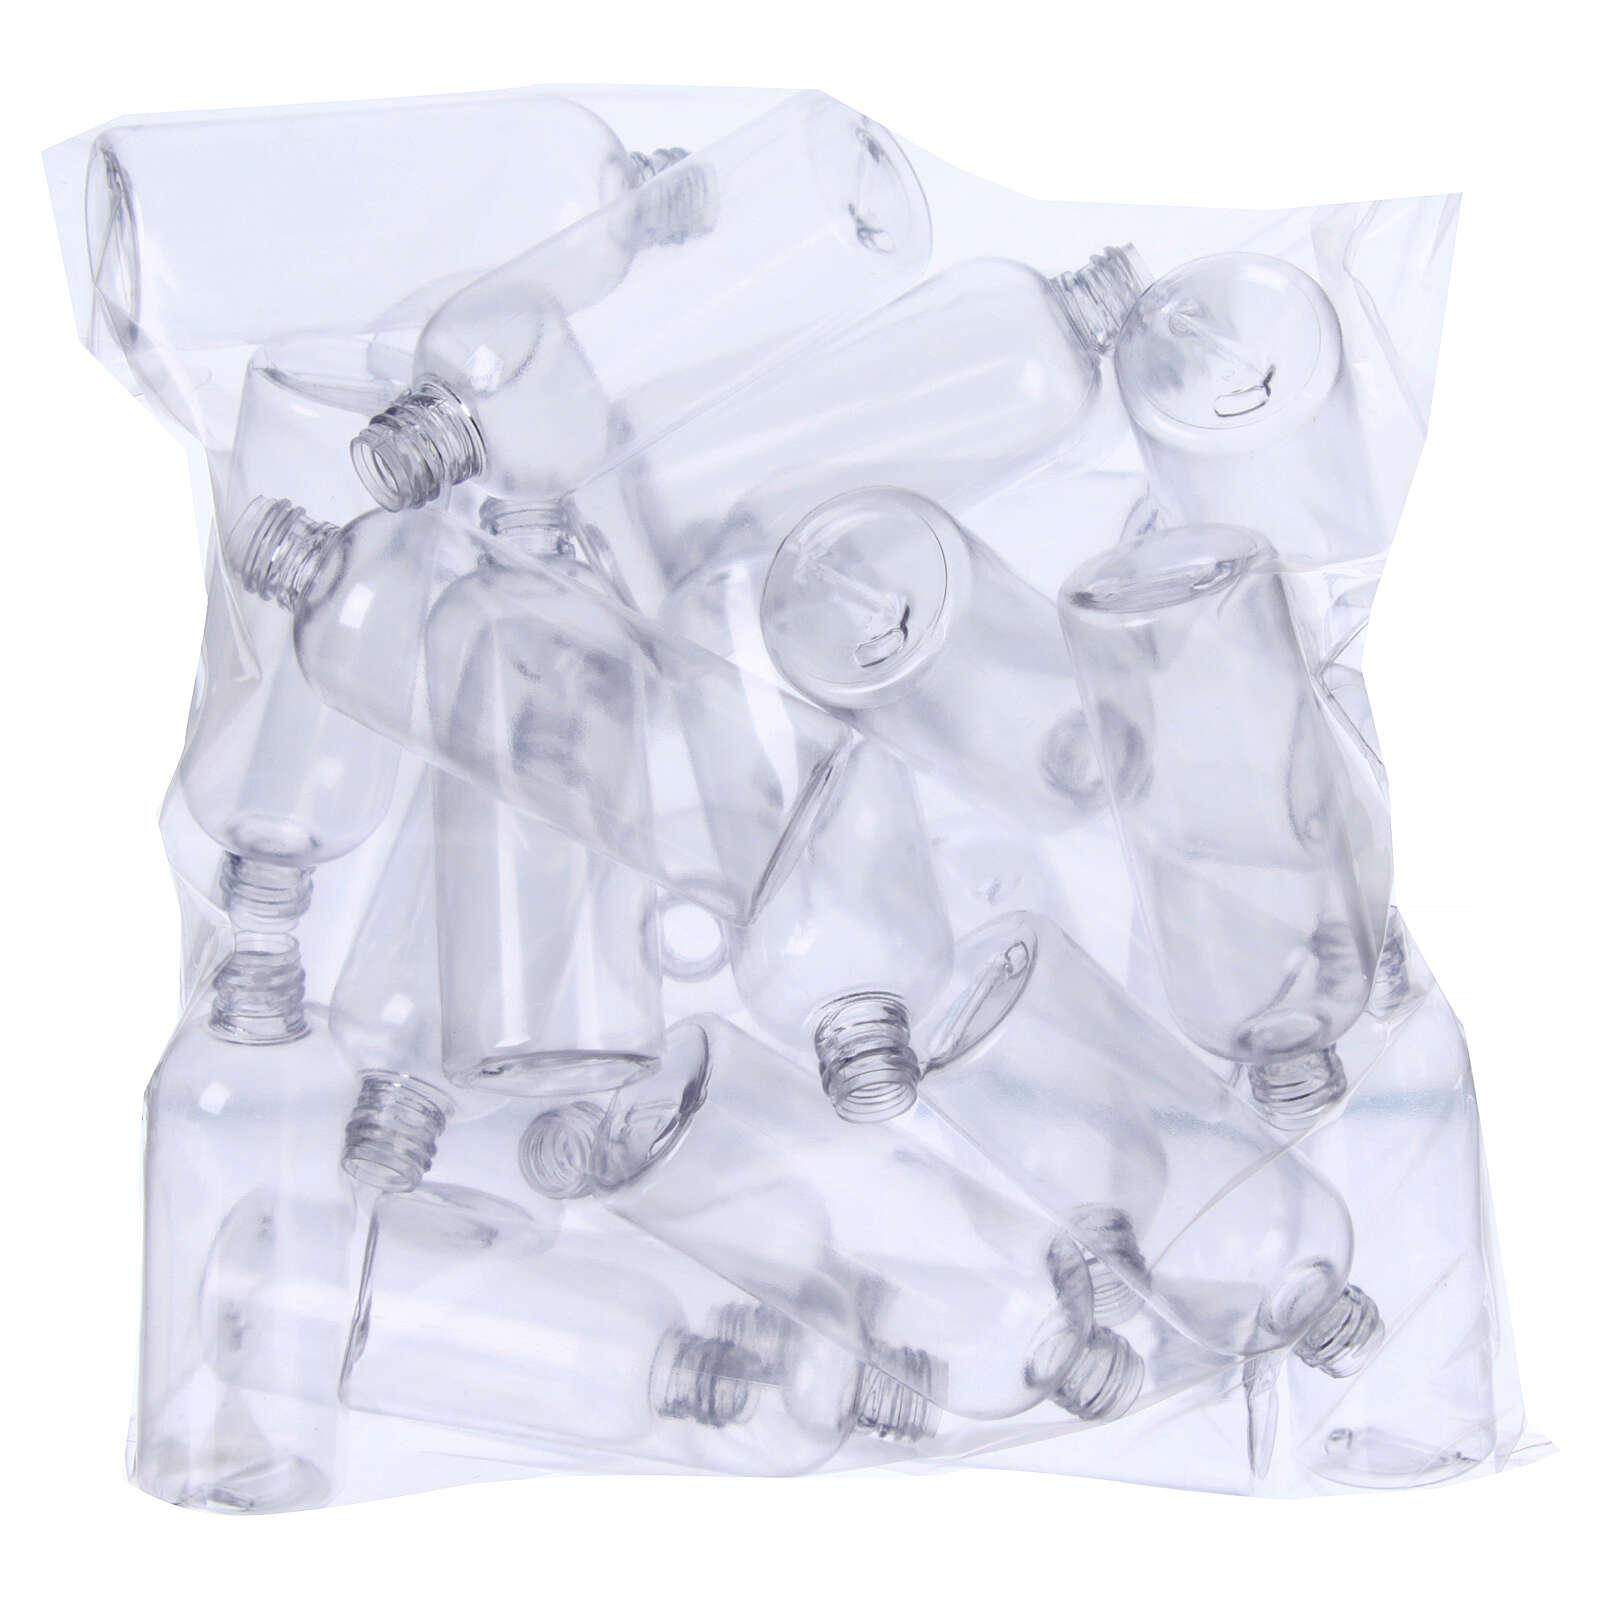 Garrafinhas para Água Benta cilíndricas 100 ml (EMBALAGEM DE 100 PEÇAS) 3